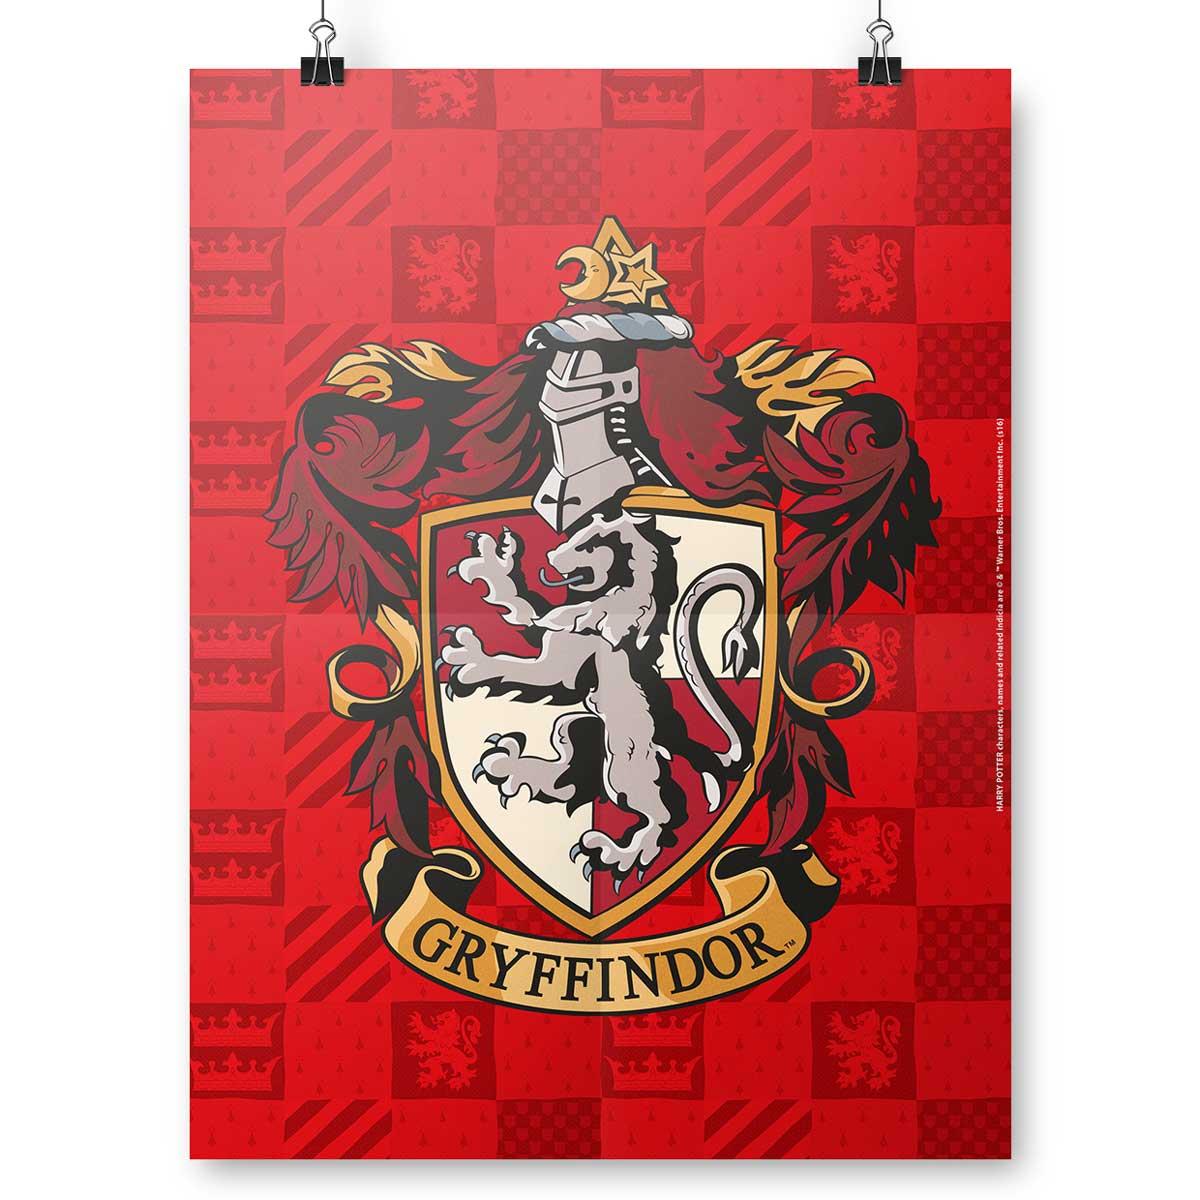 Pôster Harry Potter Gryffindor